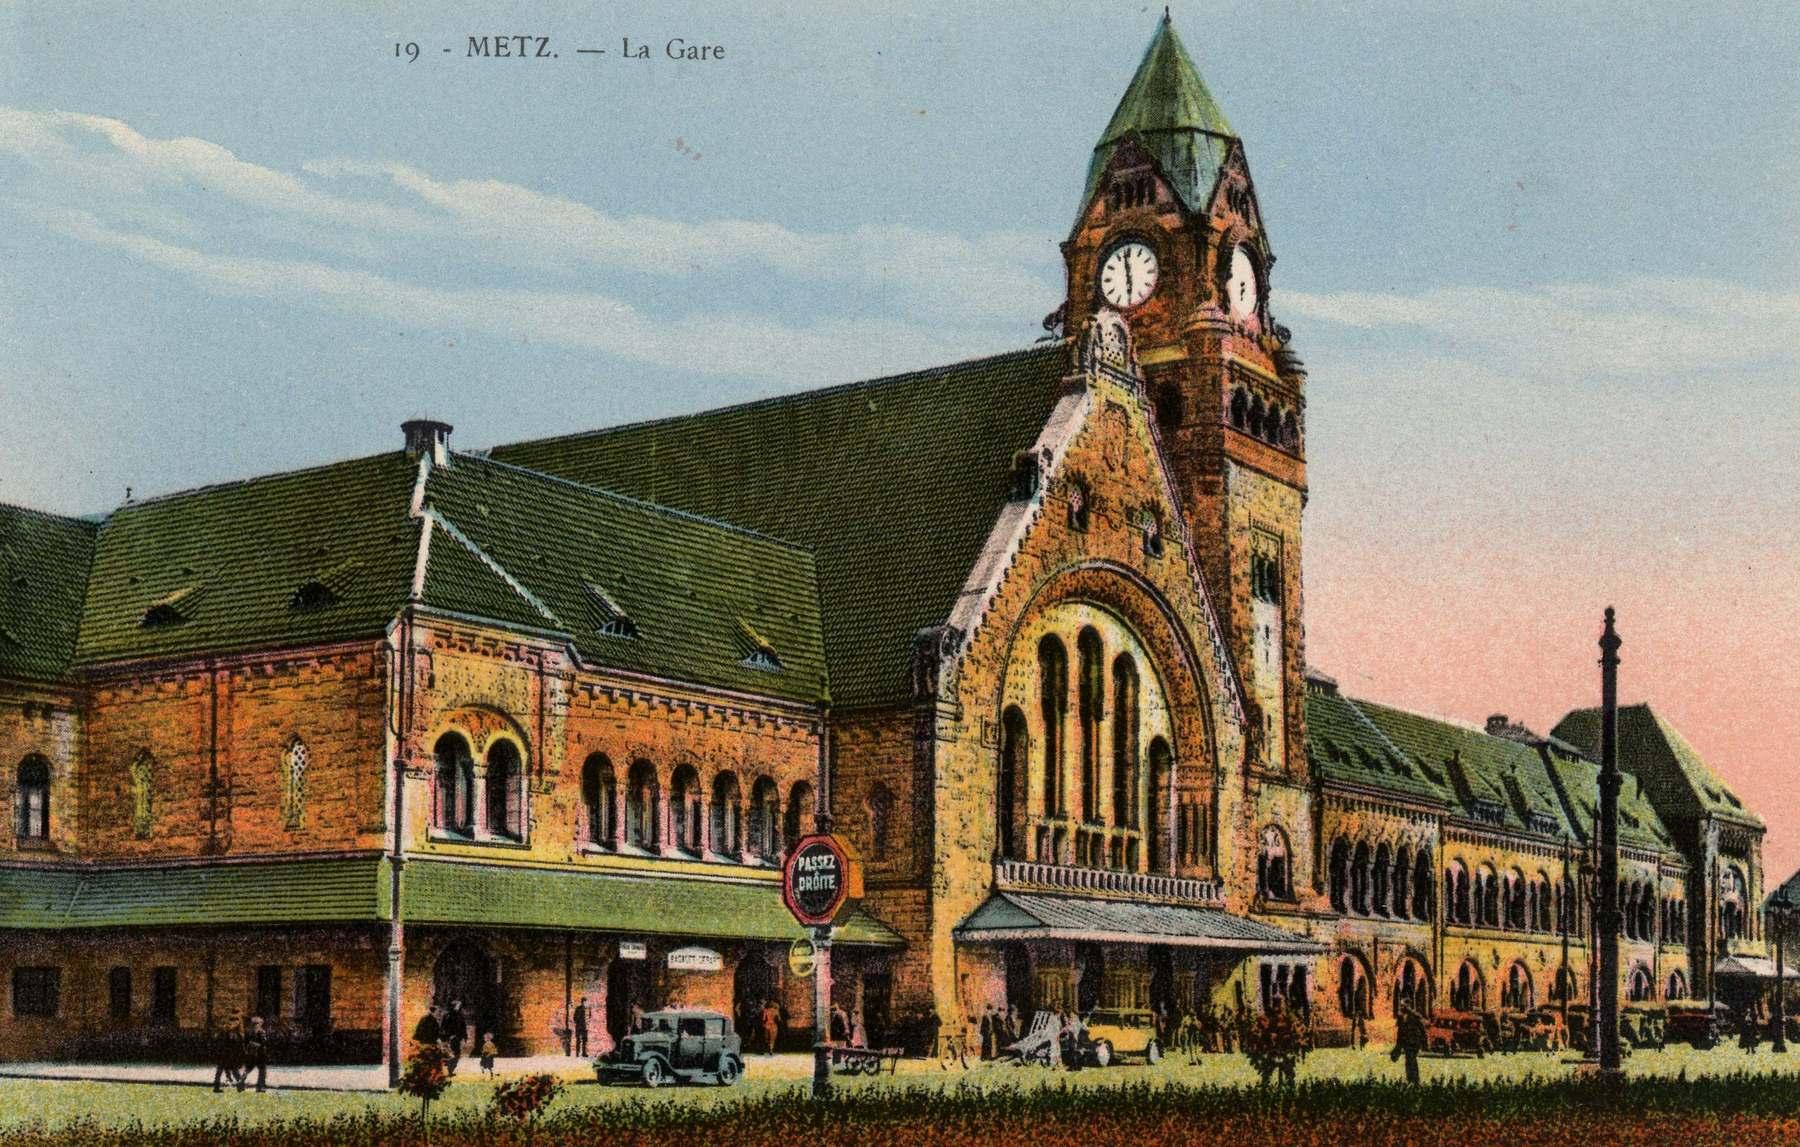 Contenu du Metz. La Gare